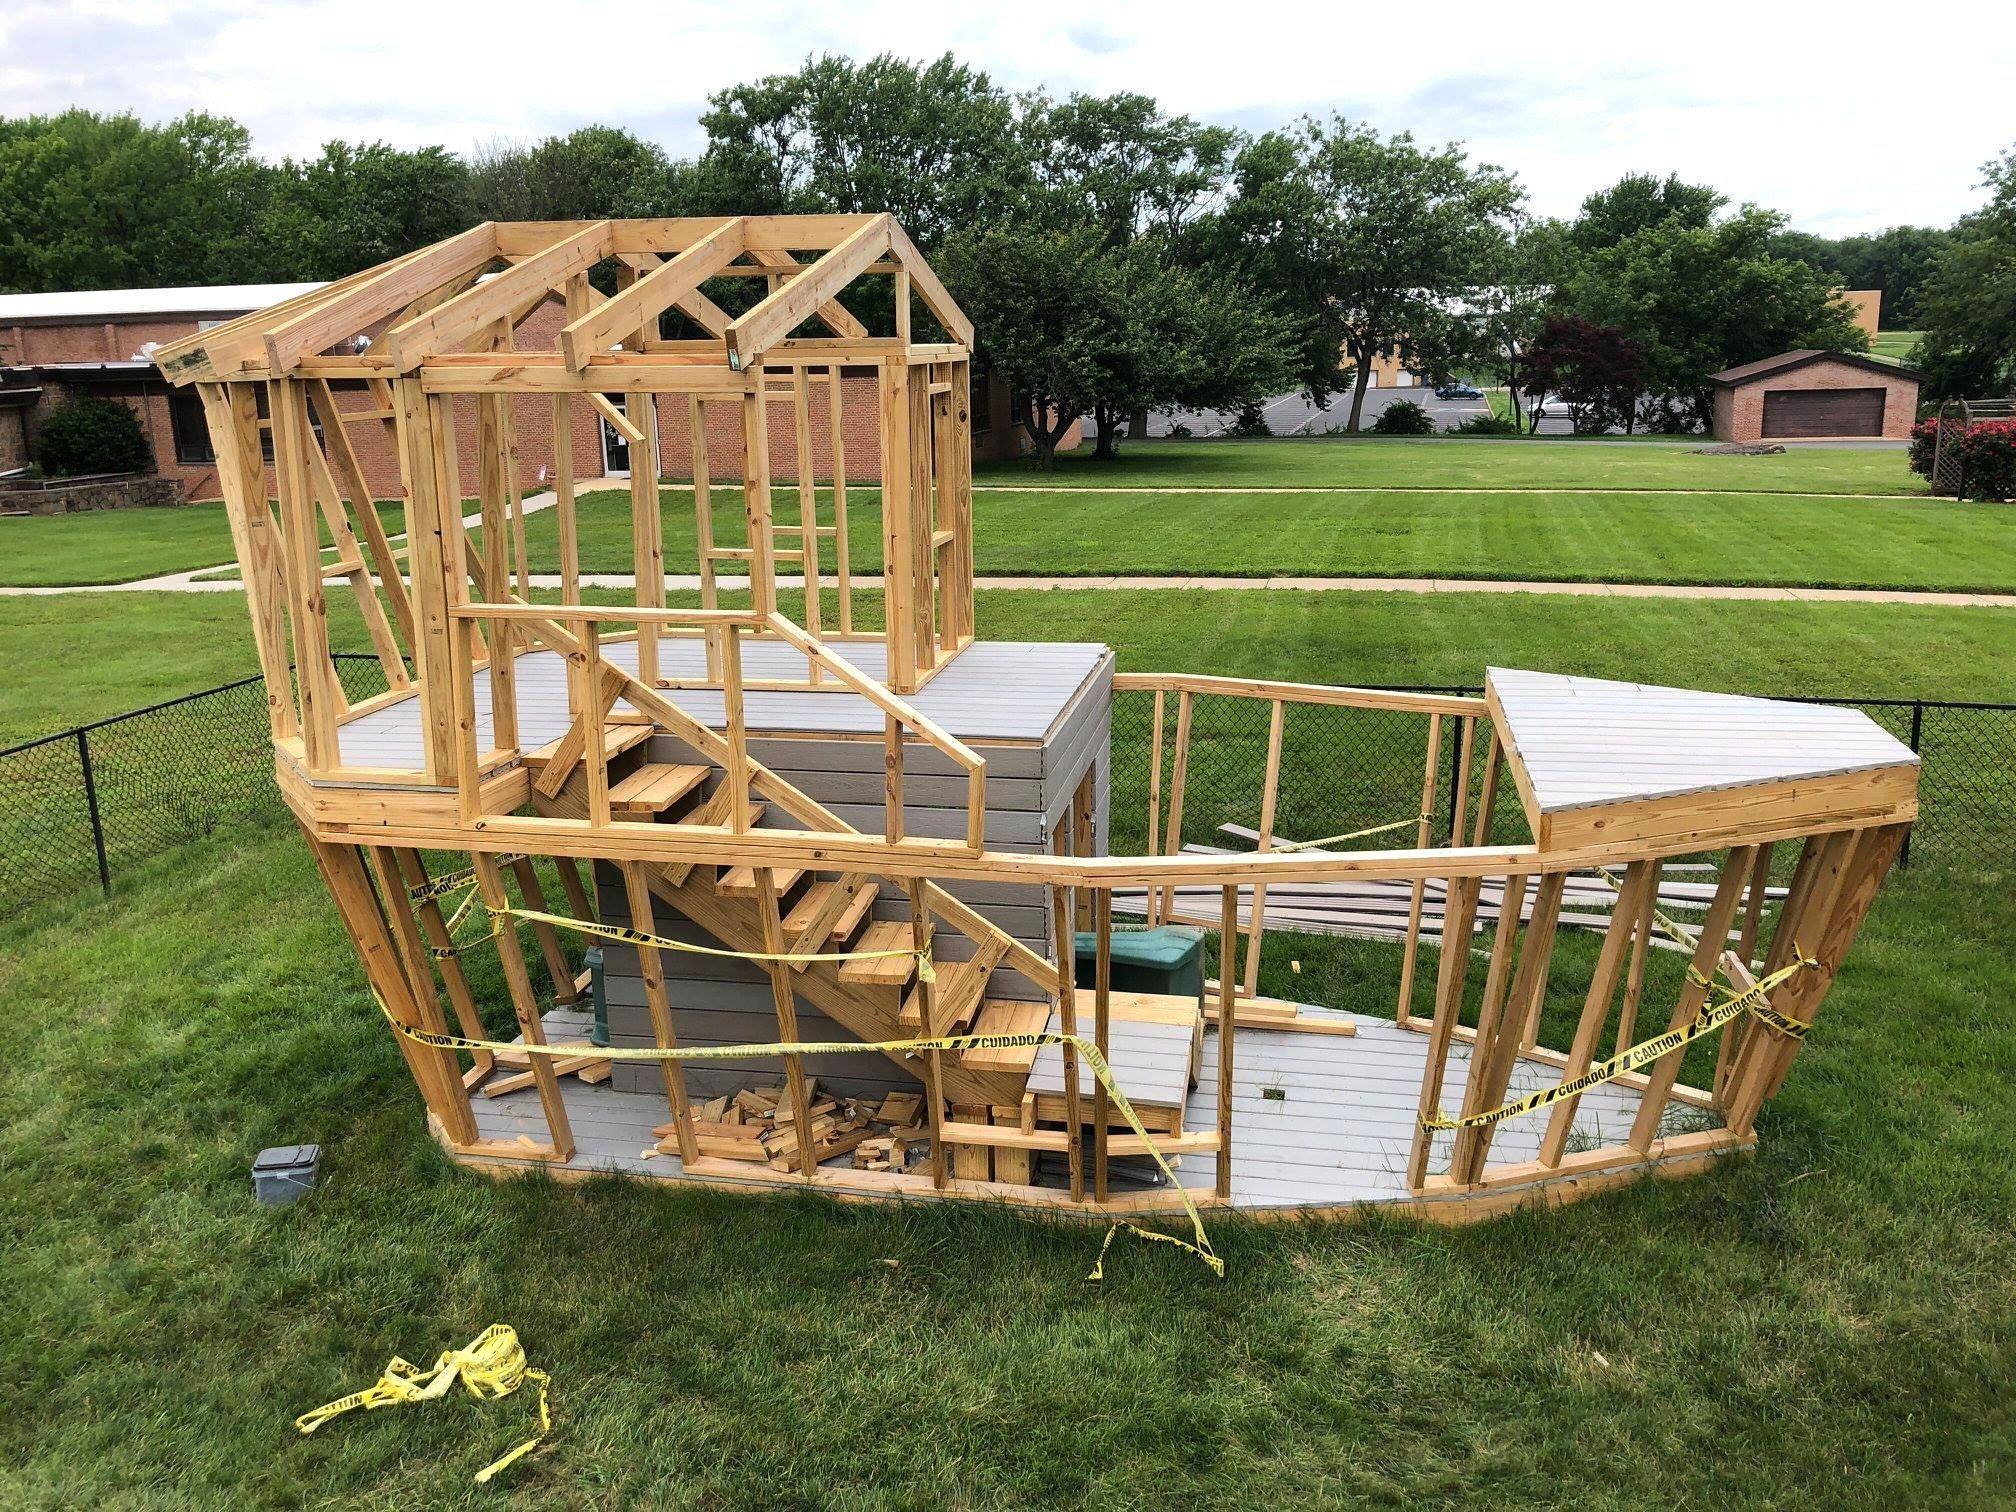 So Bauen Sie Sandkasten Piratenschiff Nutzliche Tipps Und Anleitung Anleitung Bauen Nutzliche Pira In 2020 Backyard Playground Davy Jones Locker Kids Playground